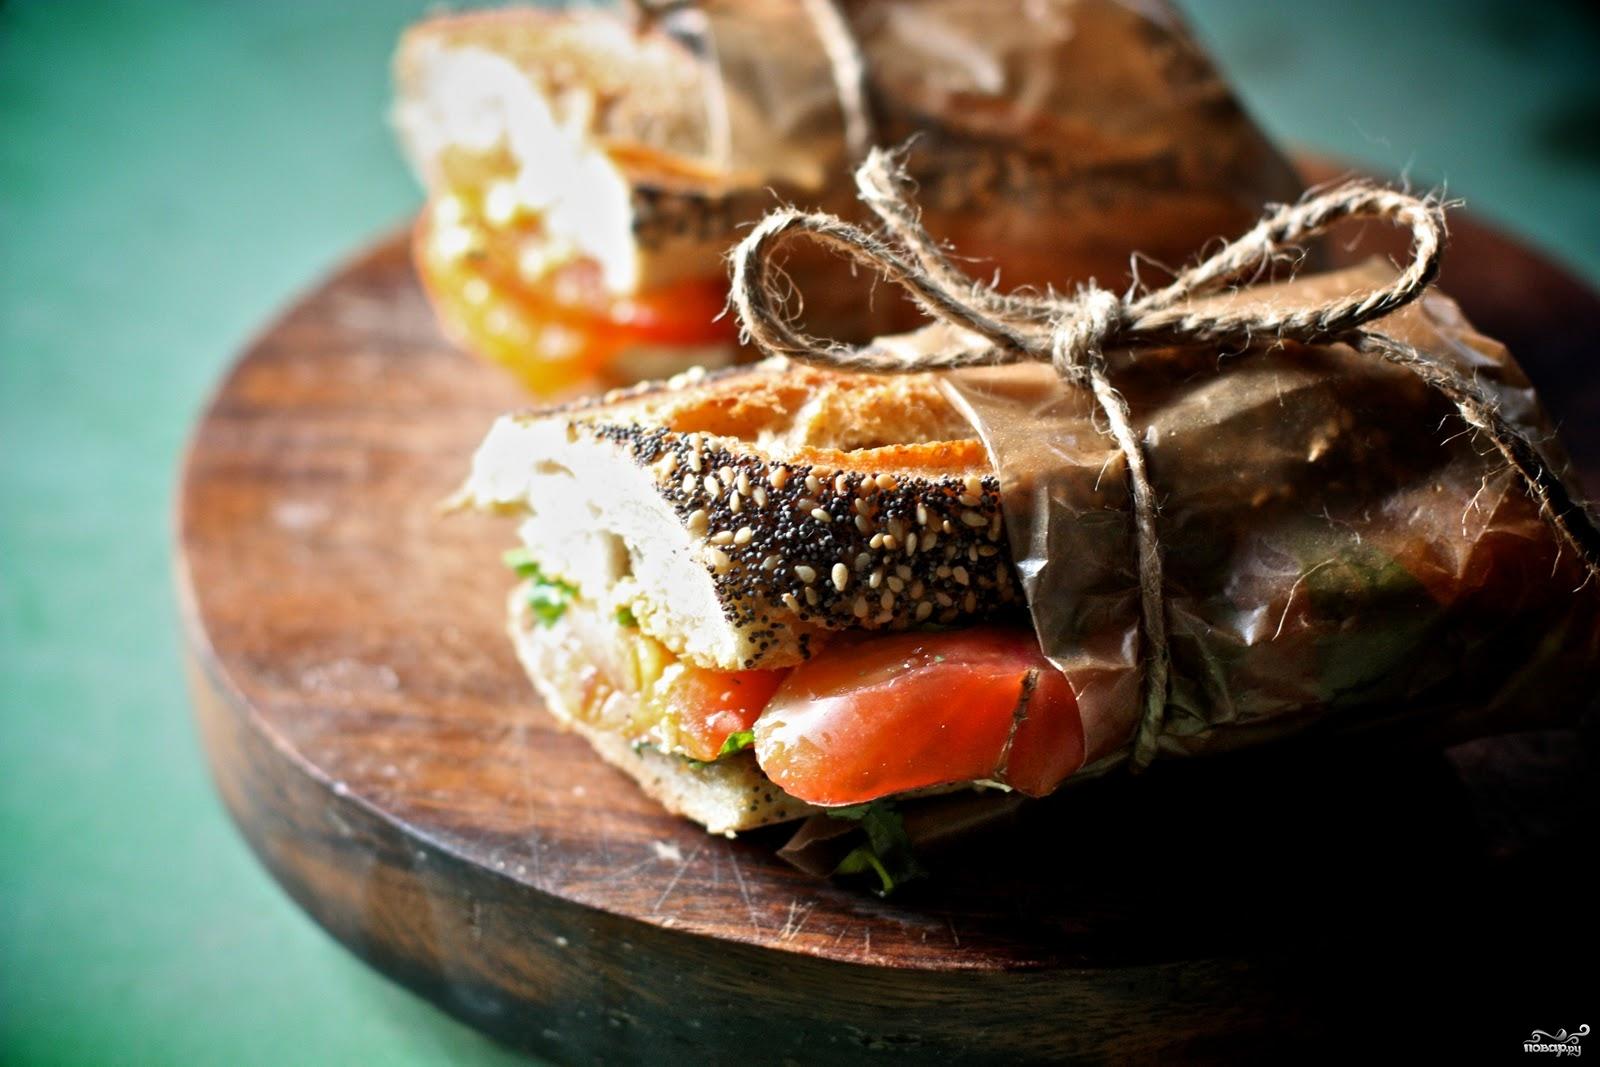 сэндвичи с помидорами, обвязанные верёвочкой